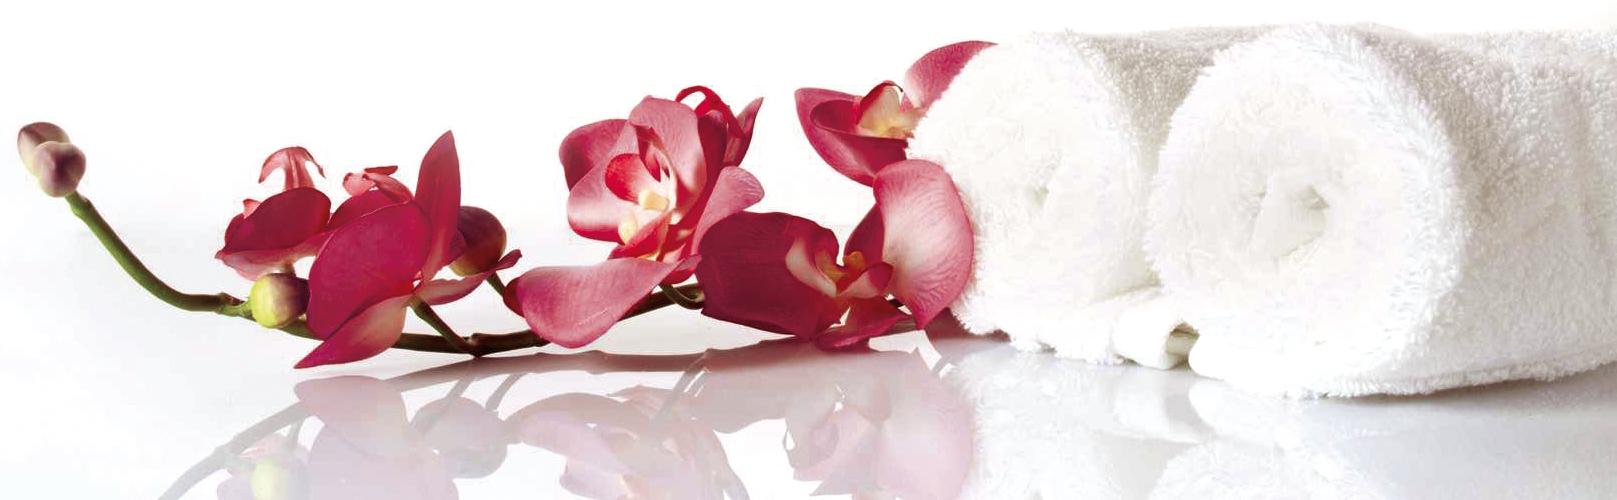 ... haarentfernung mit warmwachs maniküre pediküre wellness massagen